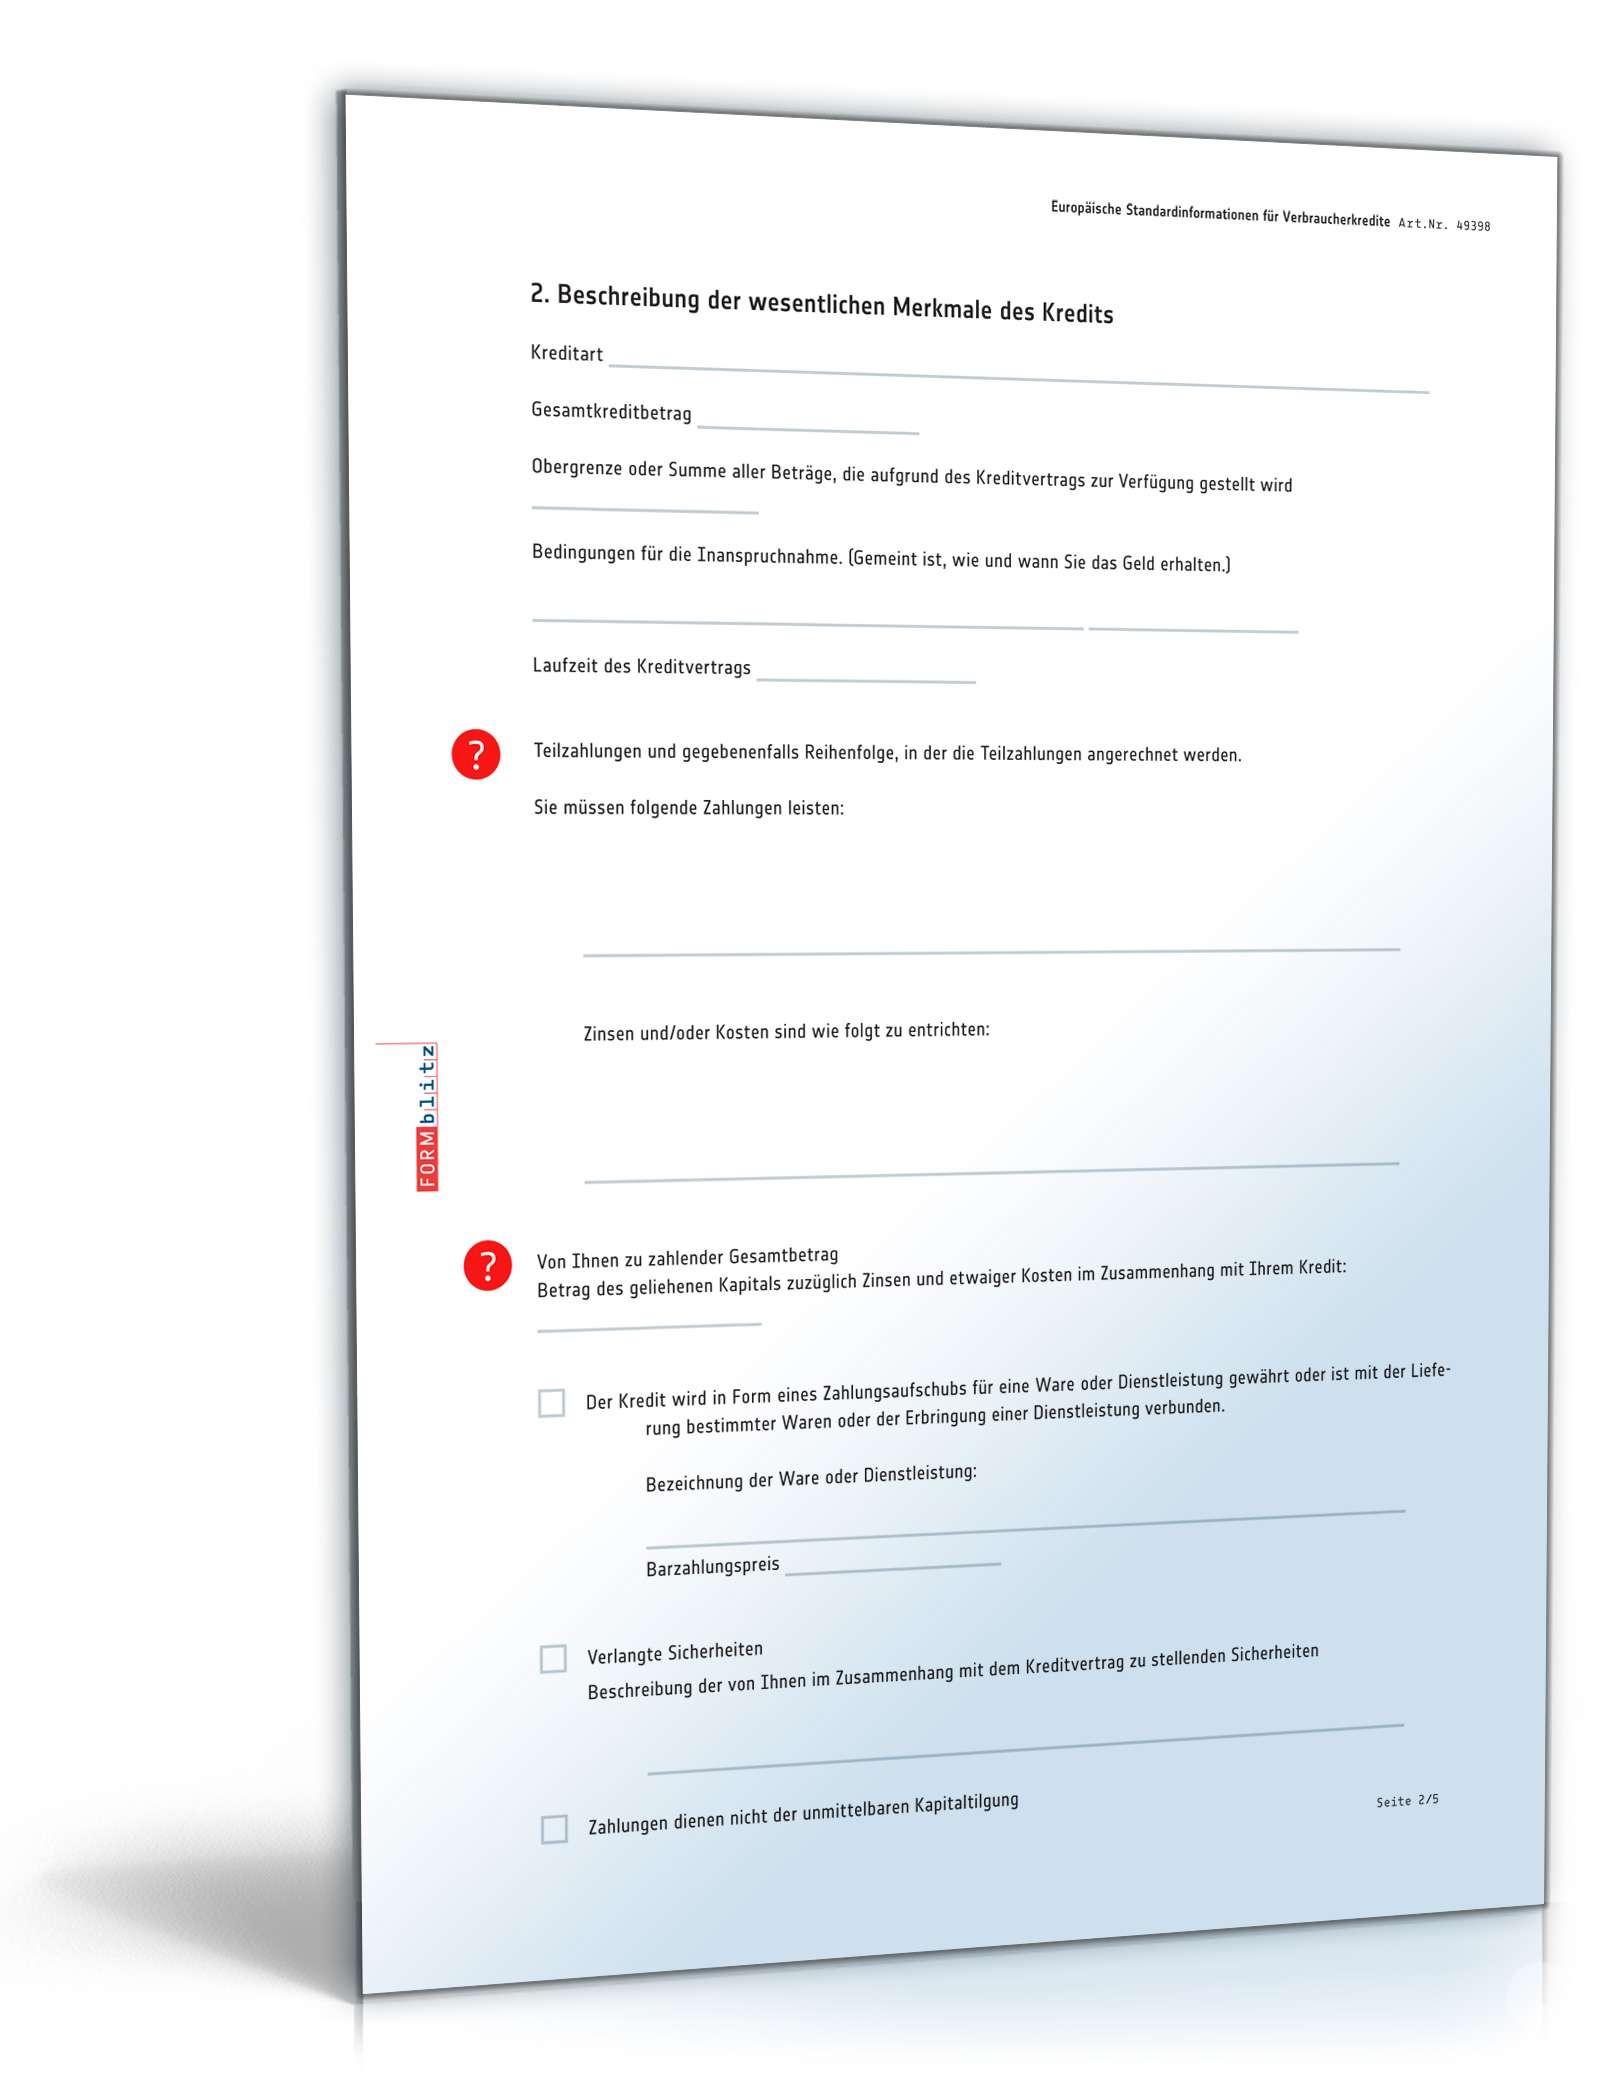 Großzügig Waren Erhalten Vorlage Ideen - Entry Level Resume Vorlagen ...